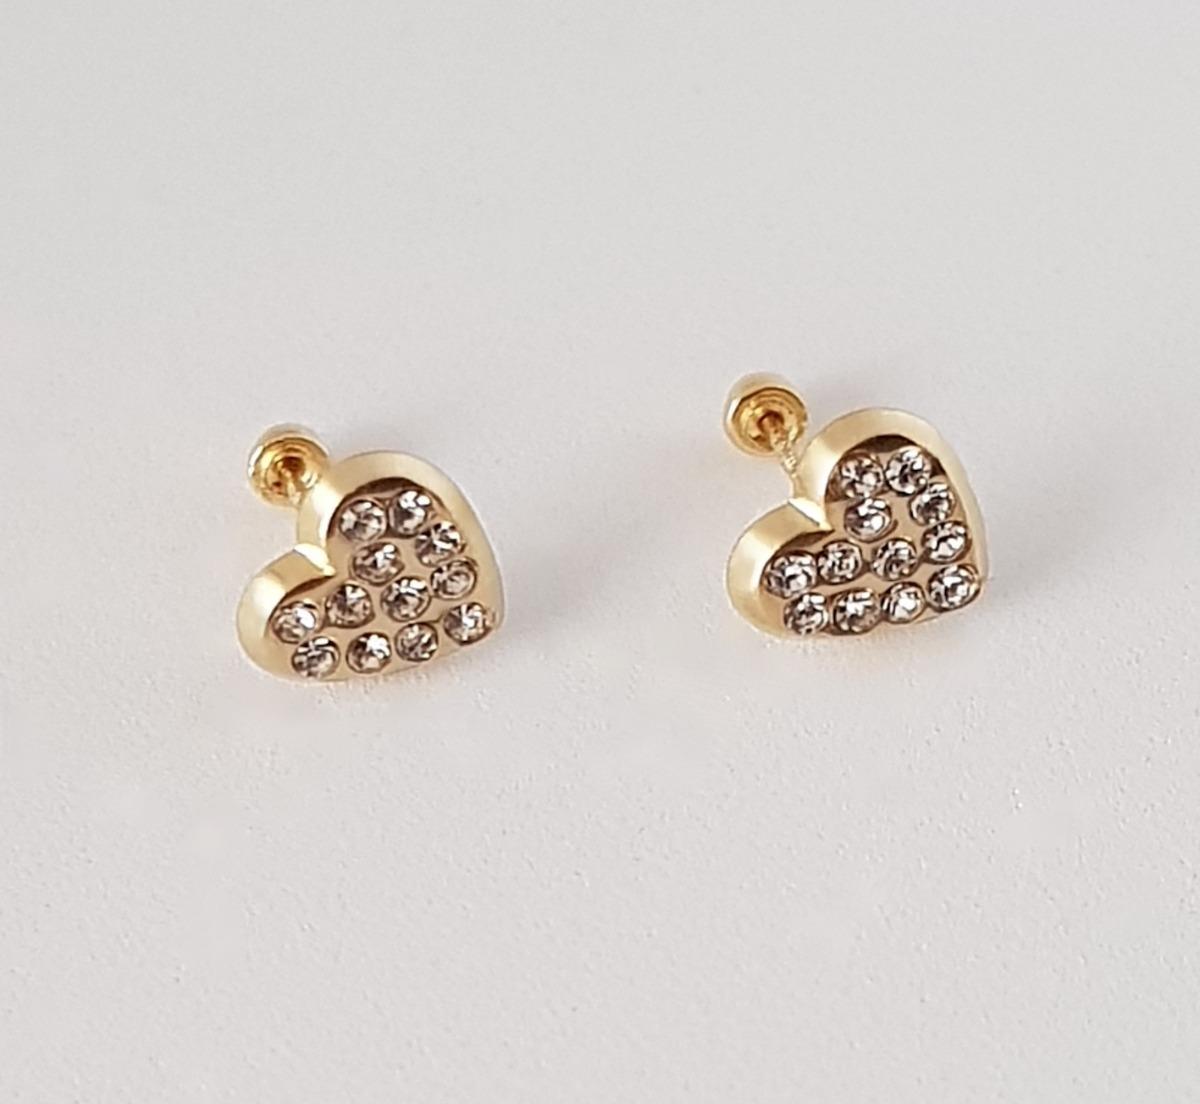 821eef52541e Hermosos Aretes Broquel Dama Corazón Zirconias Oro 10k -   549.00 en ...